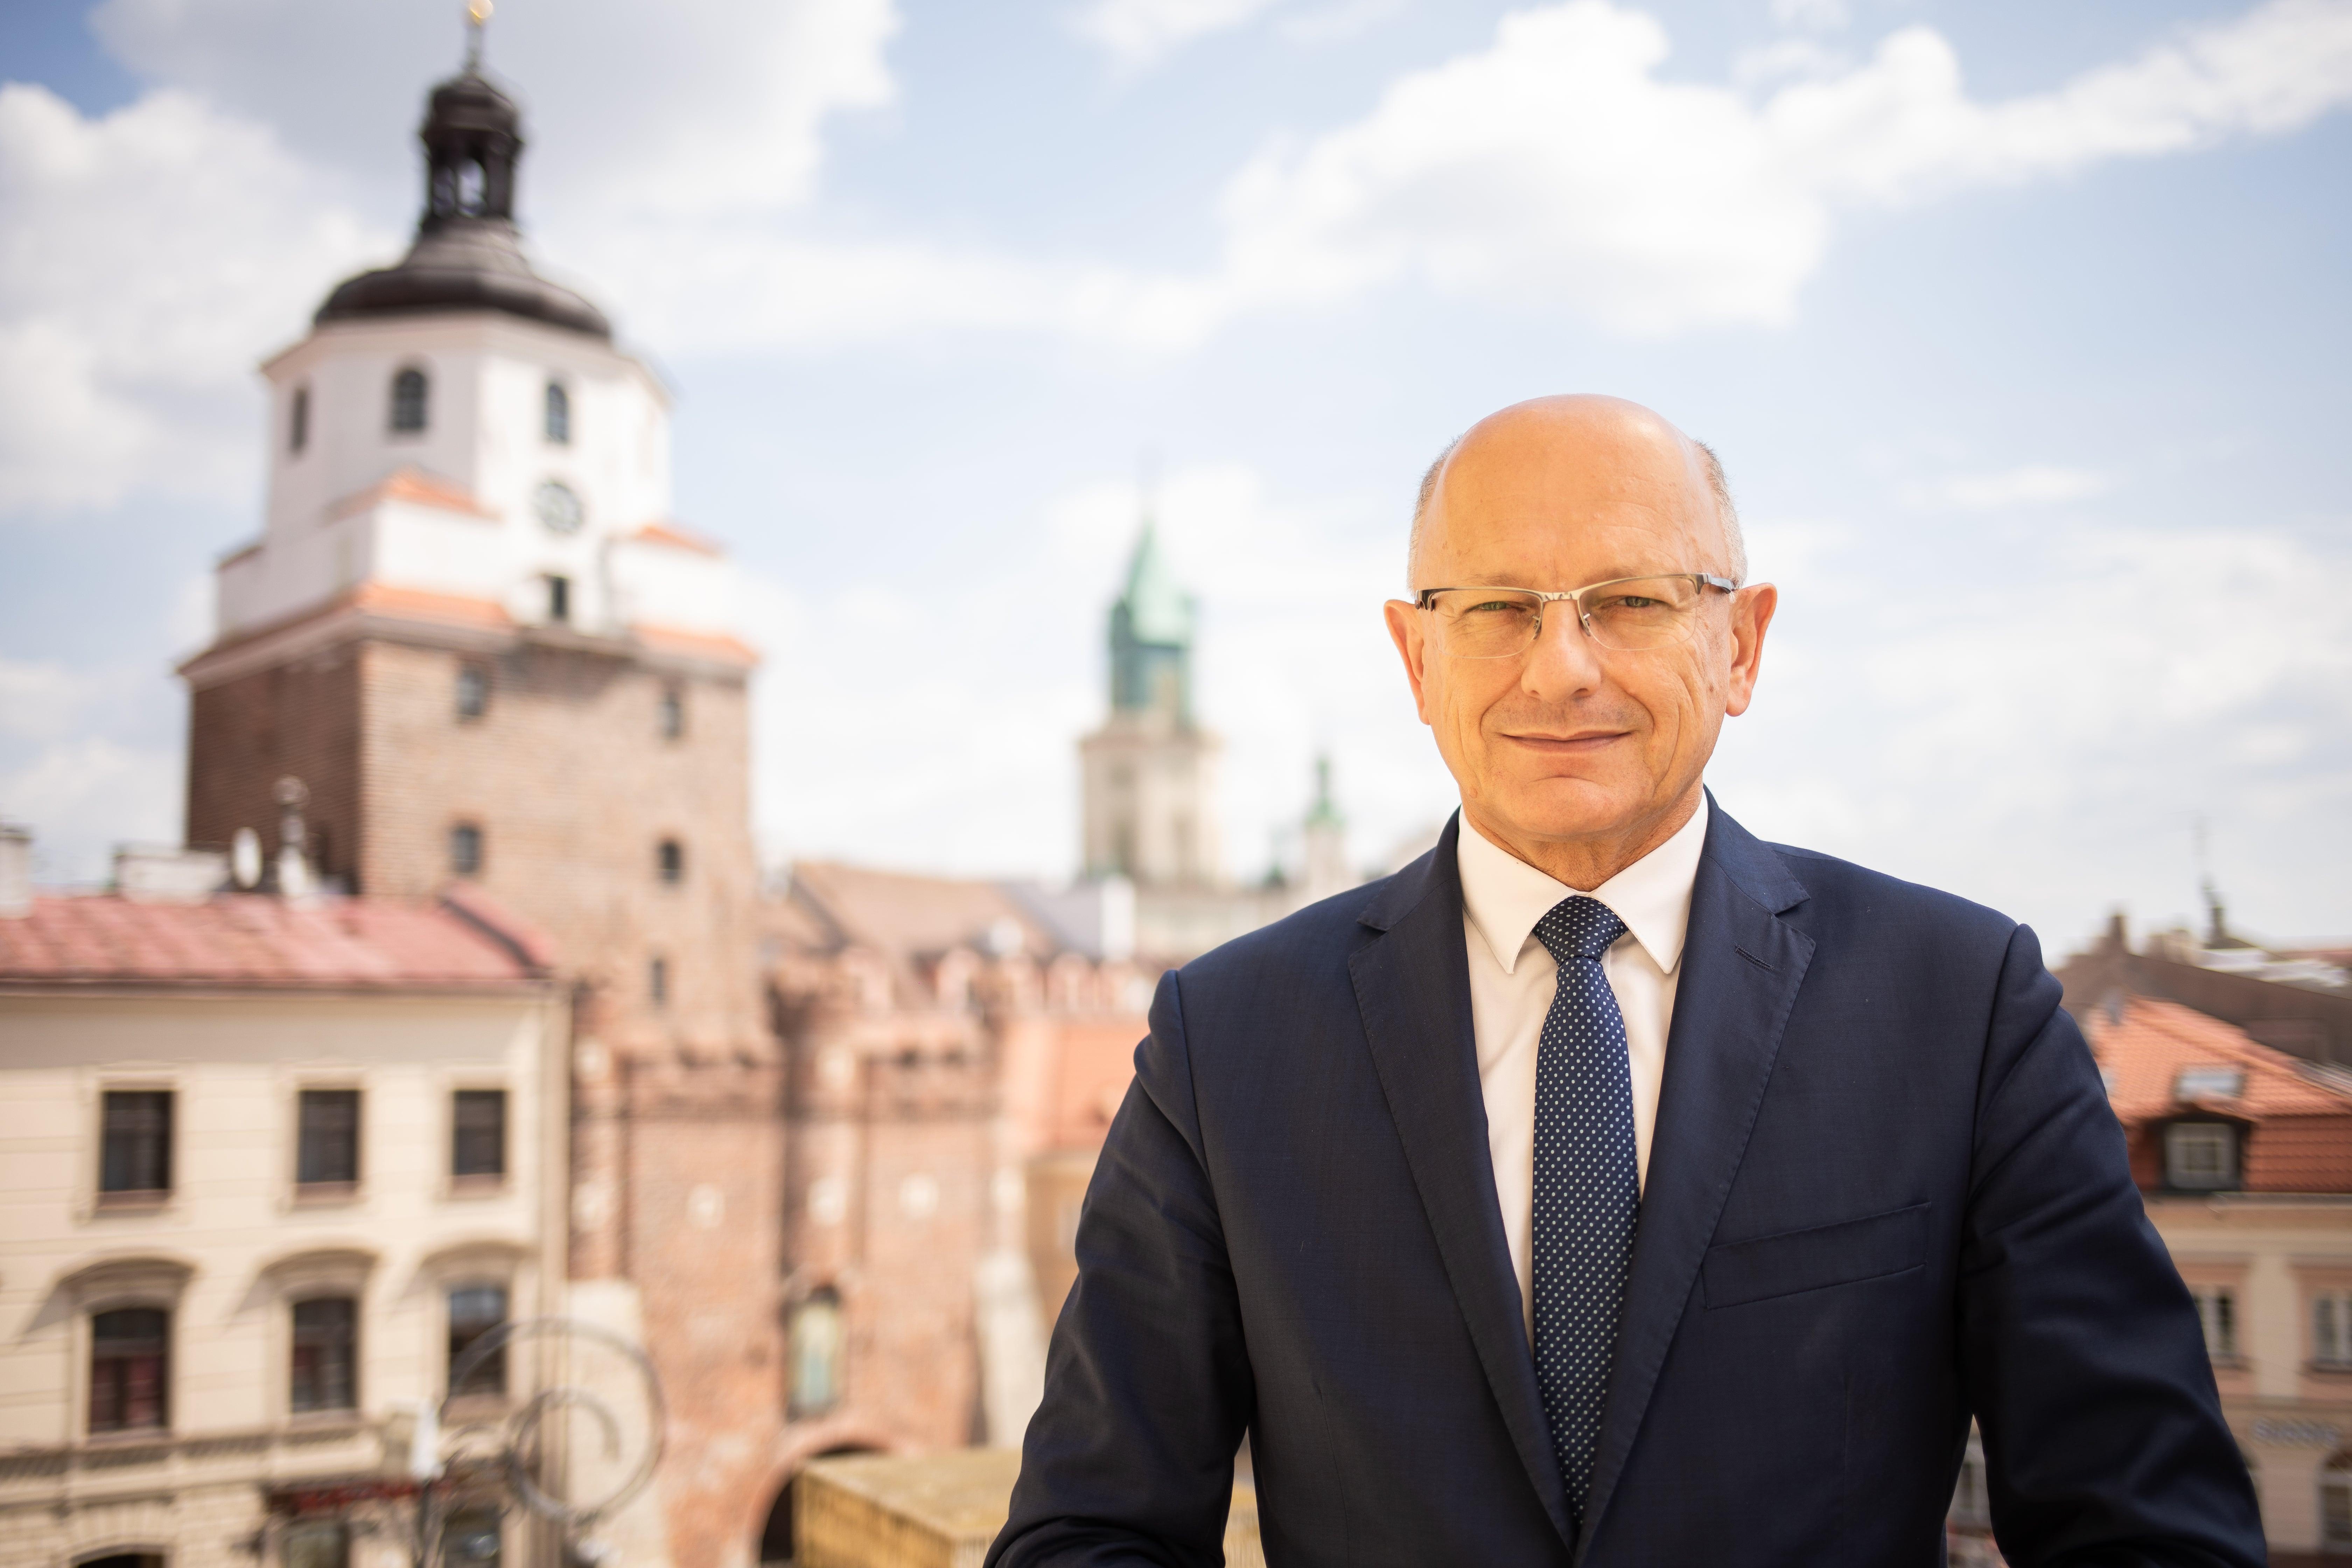 Krzysztof Żuk rządzi miastem od 10 lat - Pełnienie funkcji Prezydenta Lublina to dla mnie zaszczyt i życiowa misja - mówi Żuk - Zdjęcie główne